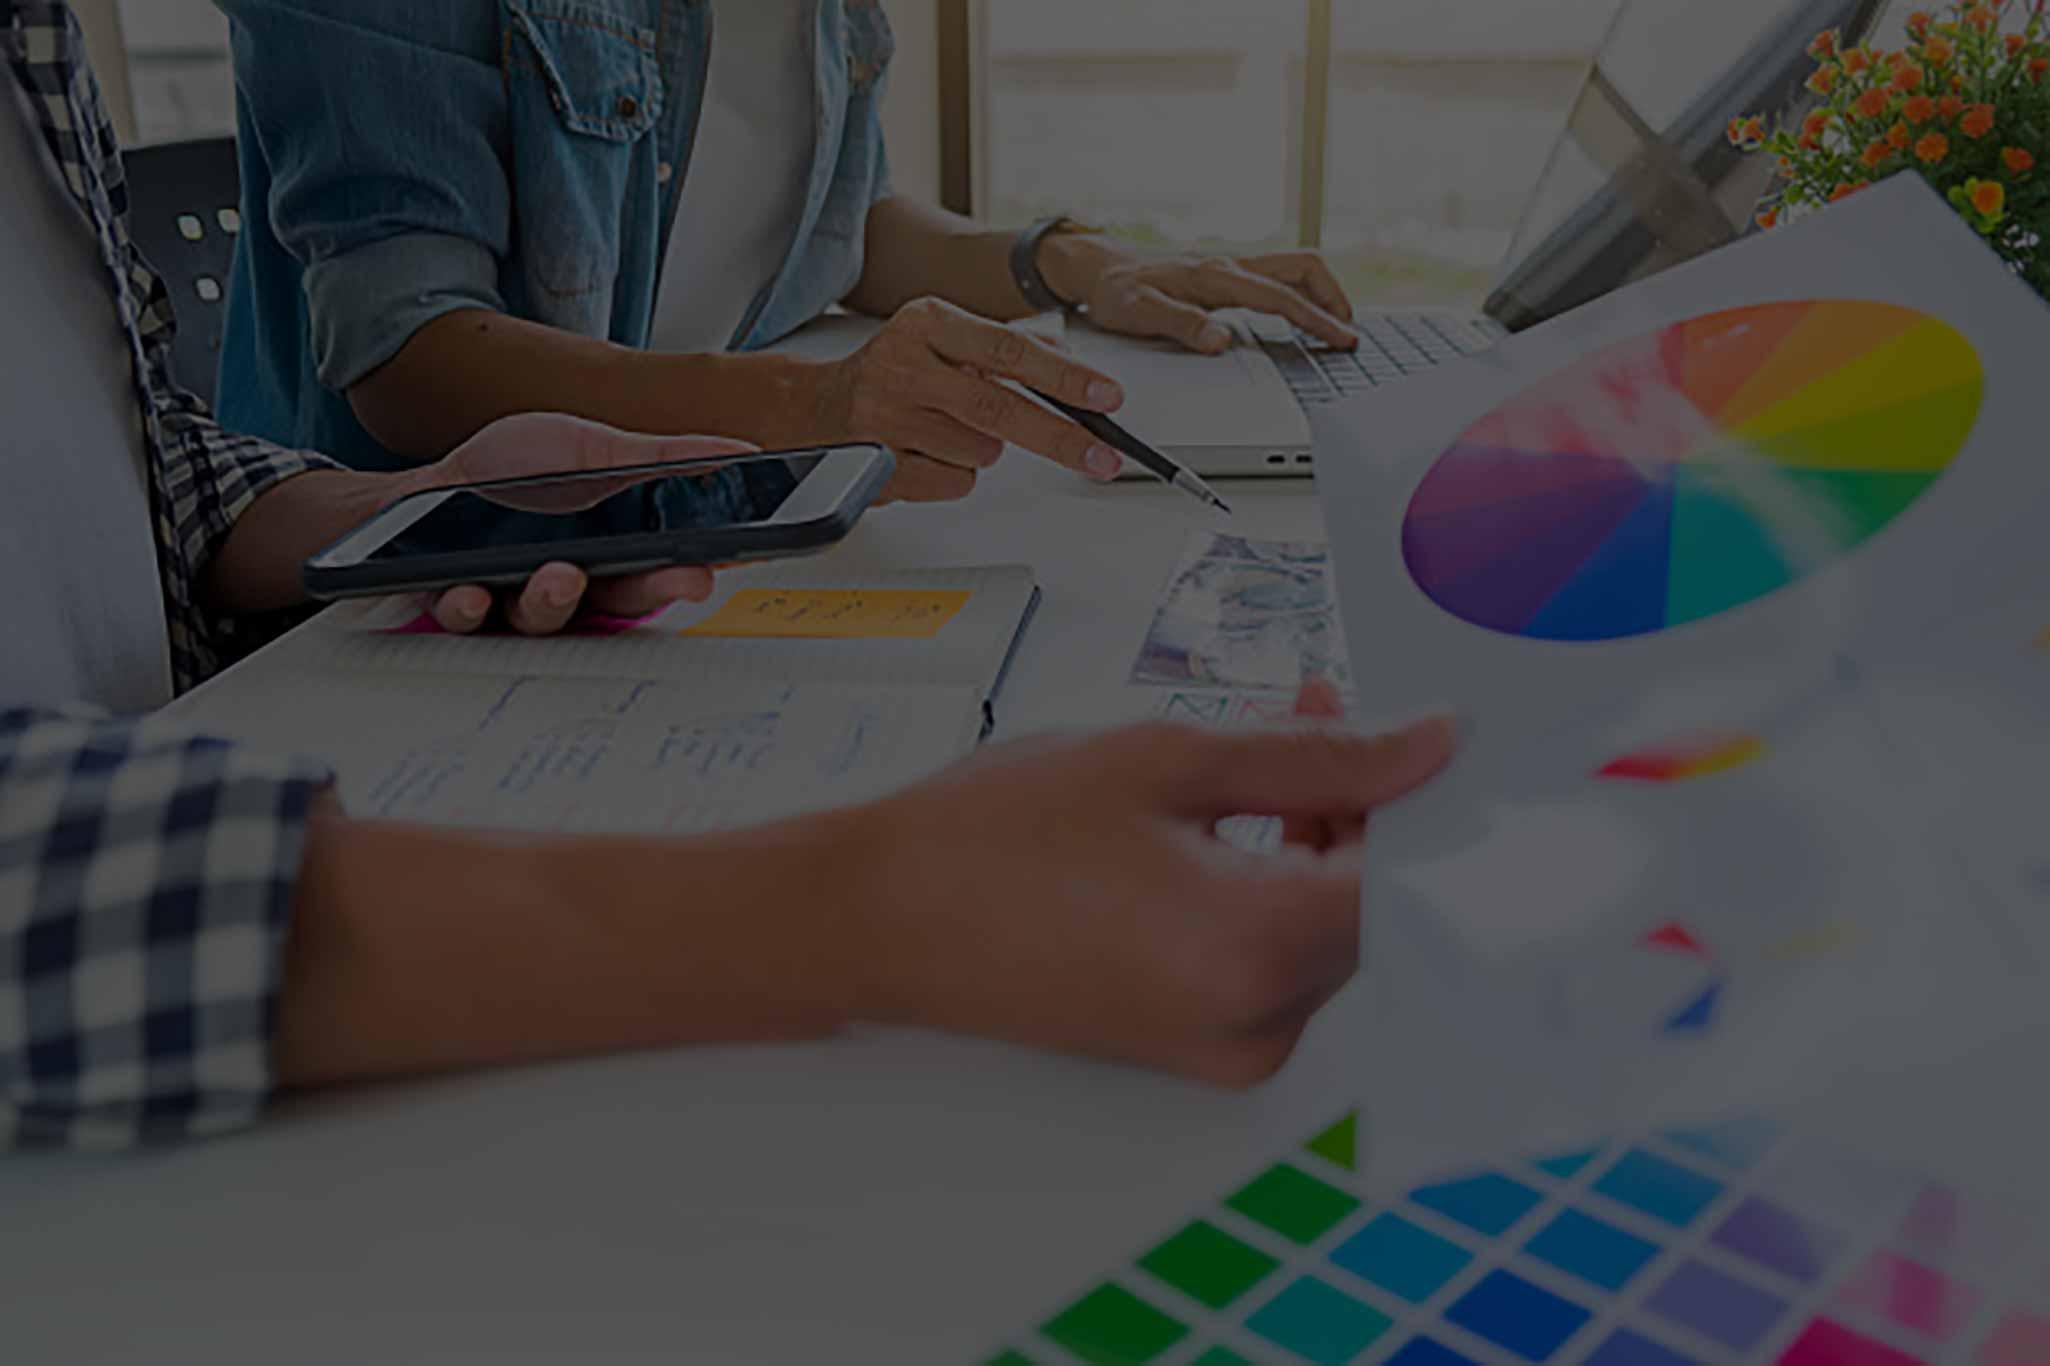 cidaas brand- Download cidaas logos